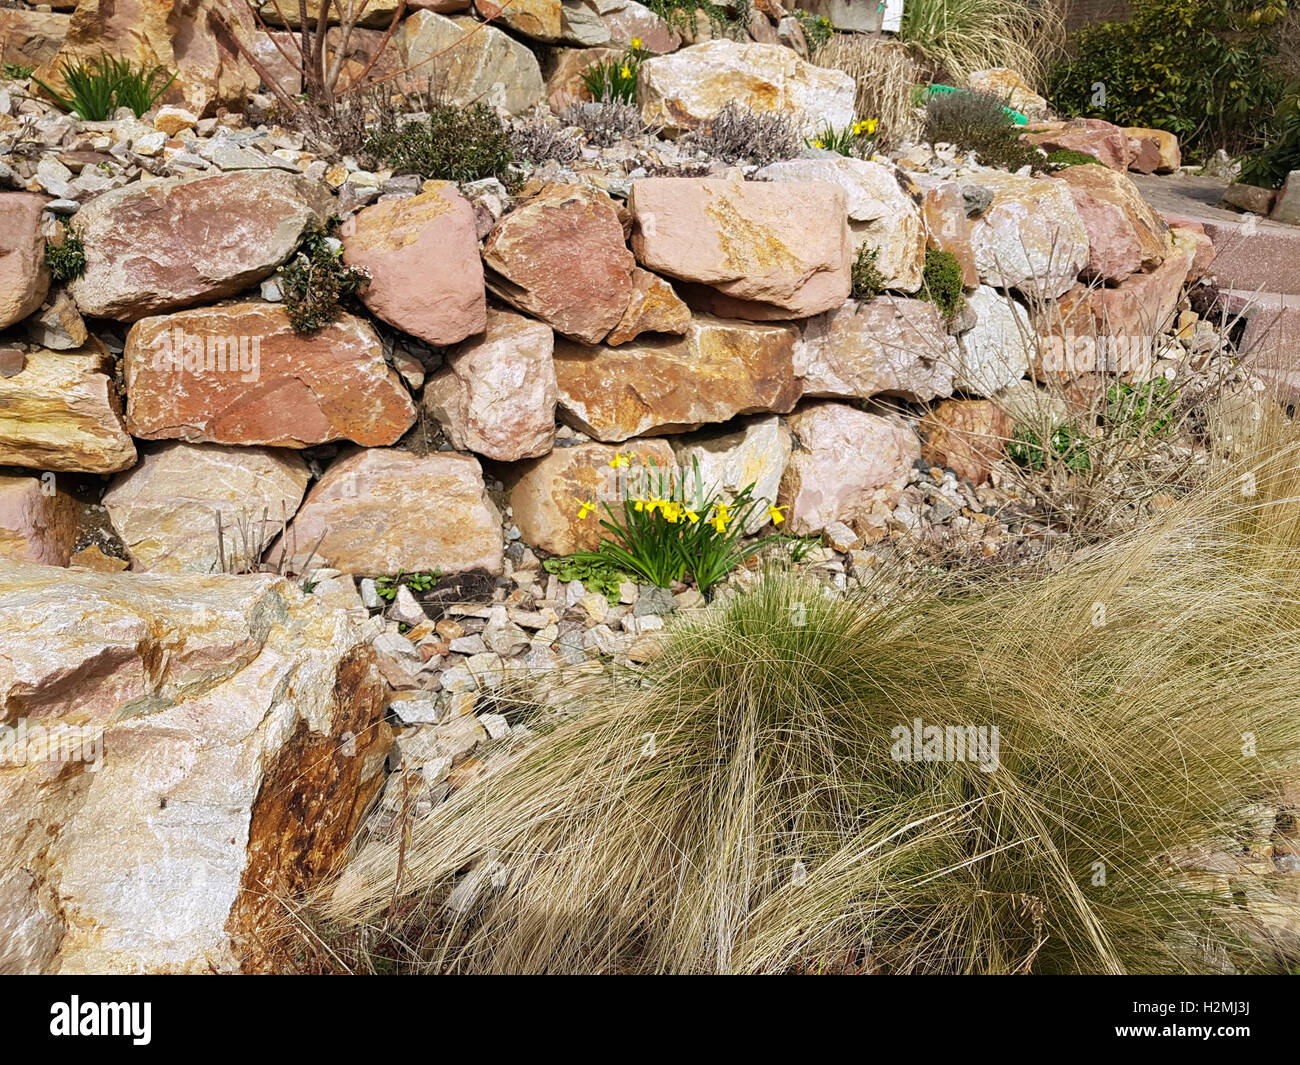 Trockenmauer; Natursteinmauer; Bruchstein; Steingarten   Stock Image